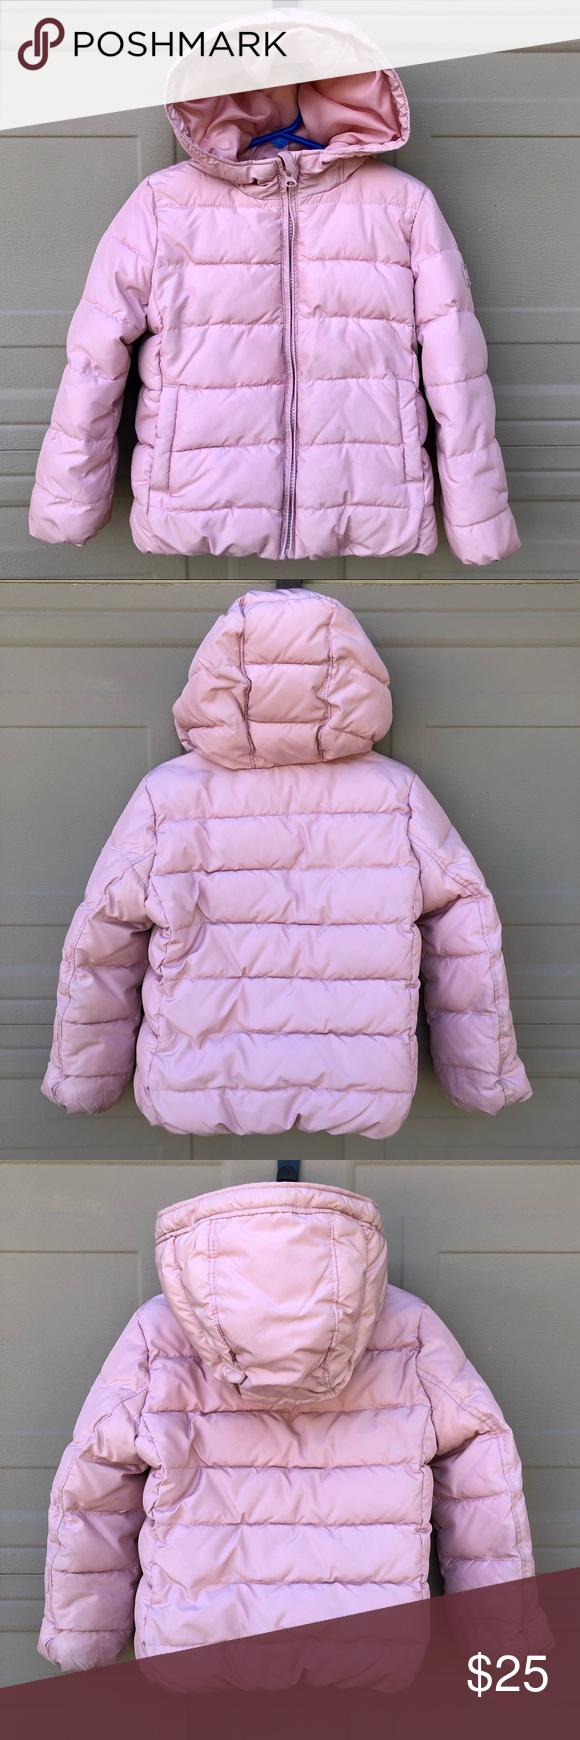 Gap Kids Girls Puffer Jacket Pink Size Xs 4 5 Yrs Girls Puffer Jacket Girls Puffer Gap Kids Girls [ 1740 x 580 Pixel ]